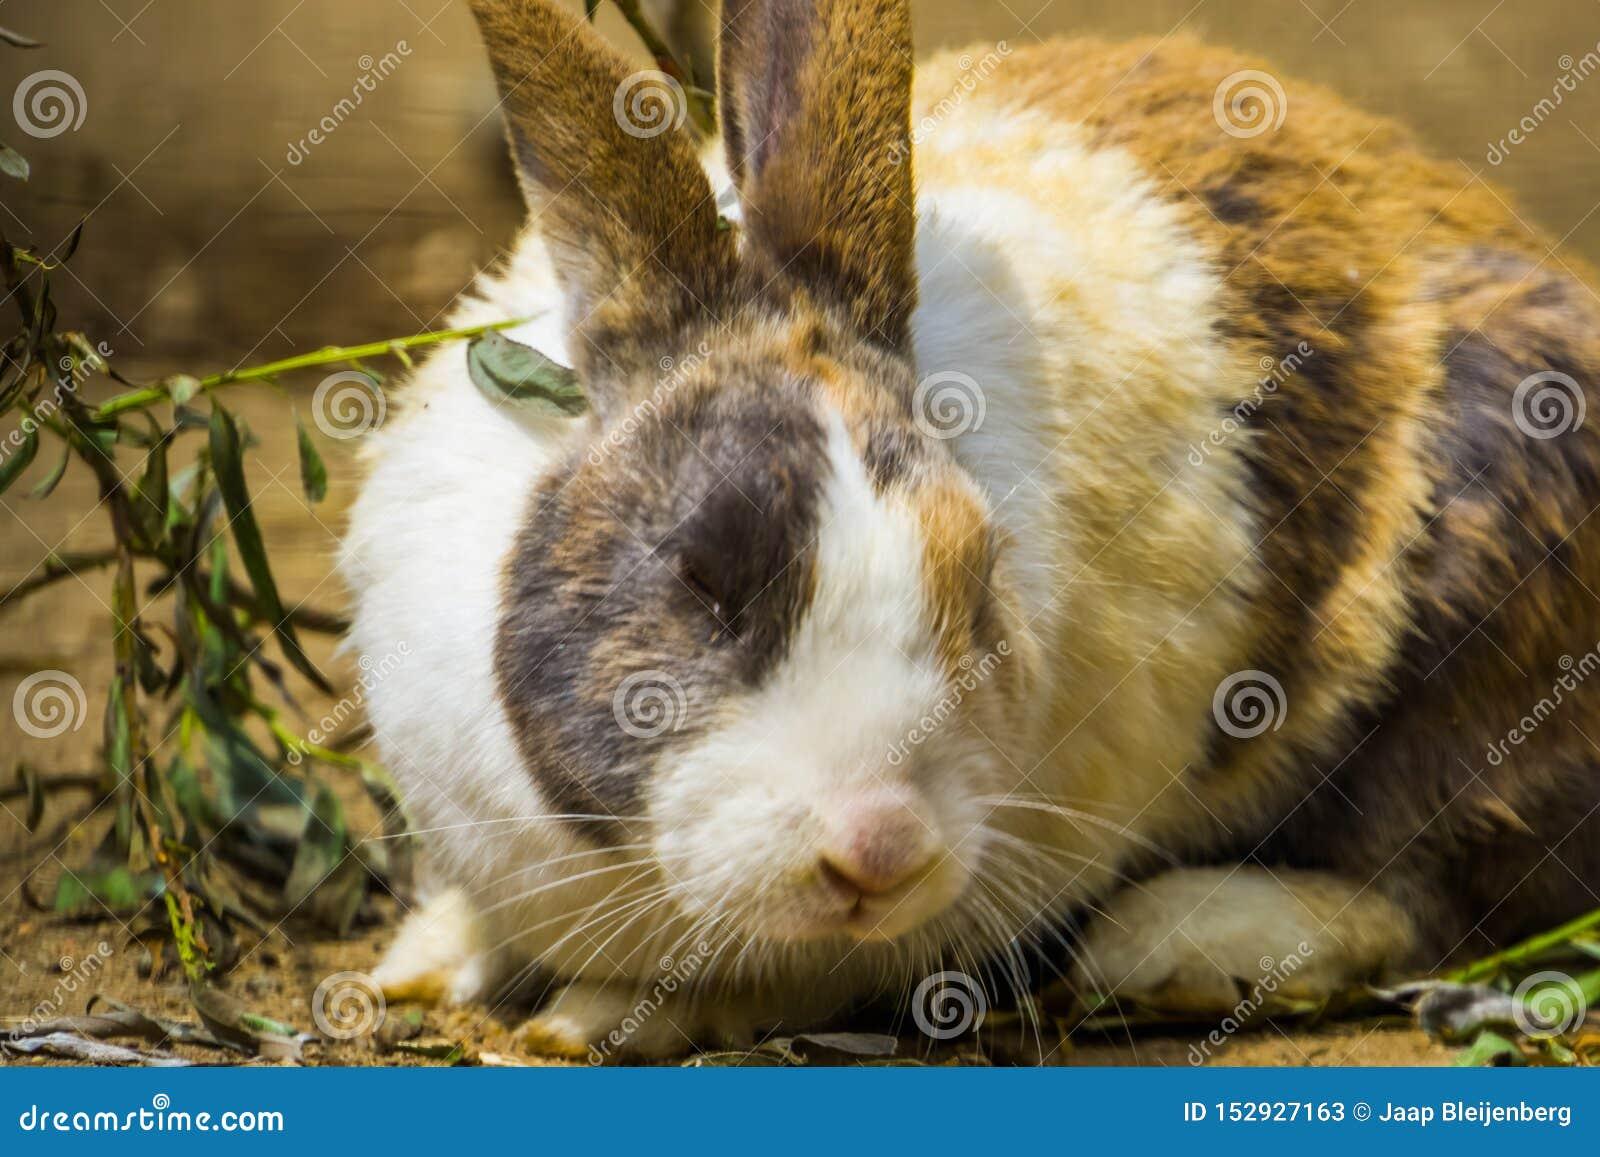 Tri coelho holandês colorido com sua cara no close up, raça popular do coelho dos Países Baixos